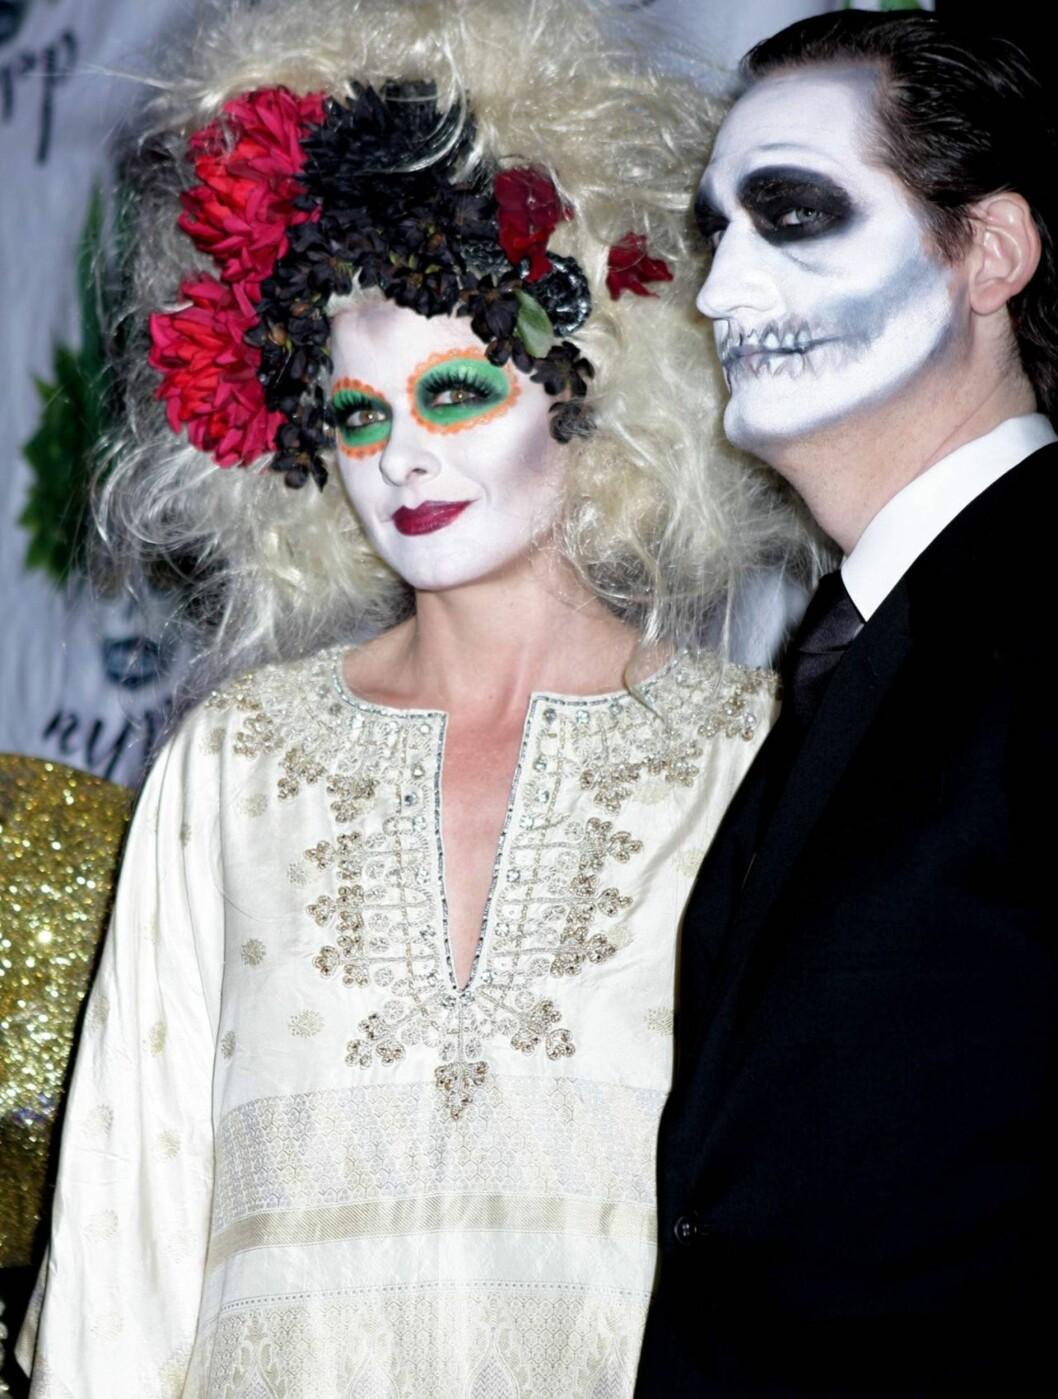 UGJENKJENNELIG: Debra Messing, kjent fra TV-serien Will and Grace, kom med ektemannen David Zelman på Bette Midler sin halloweenfeiring. Foto: All Over Press